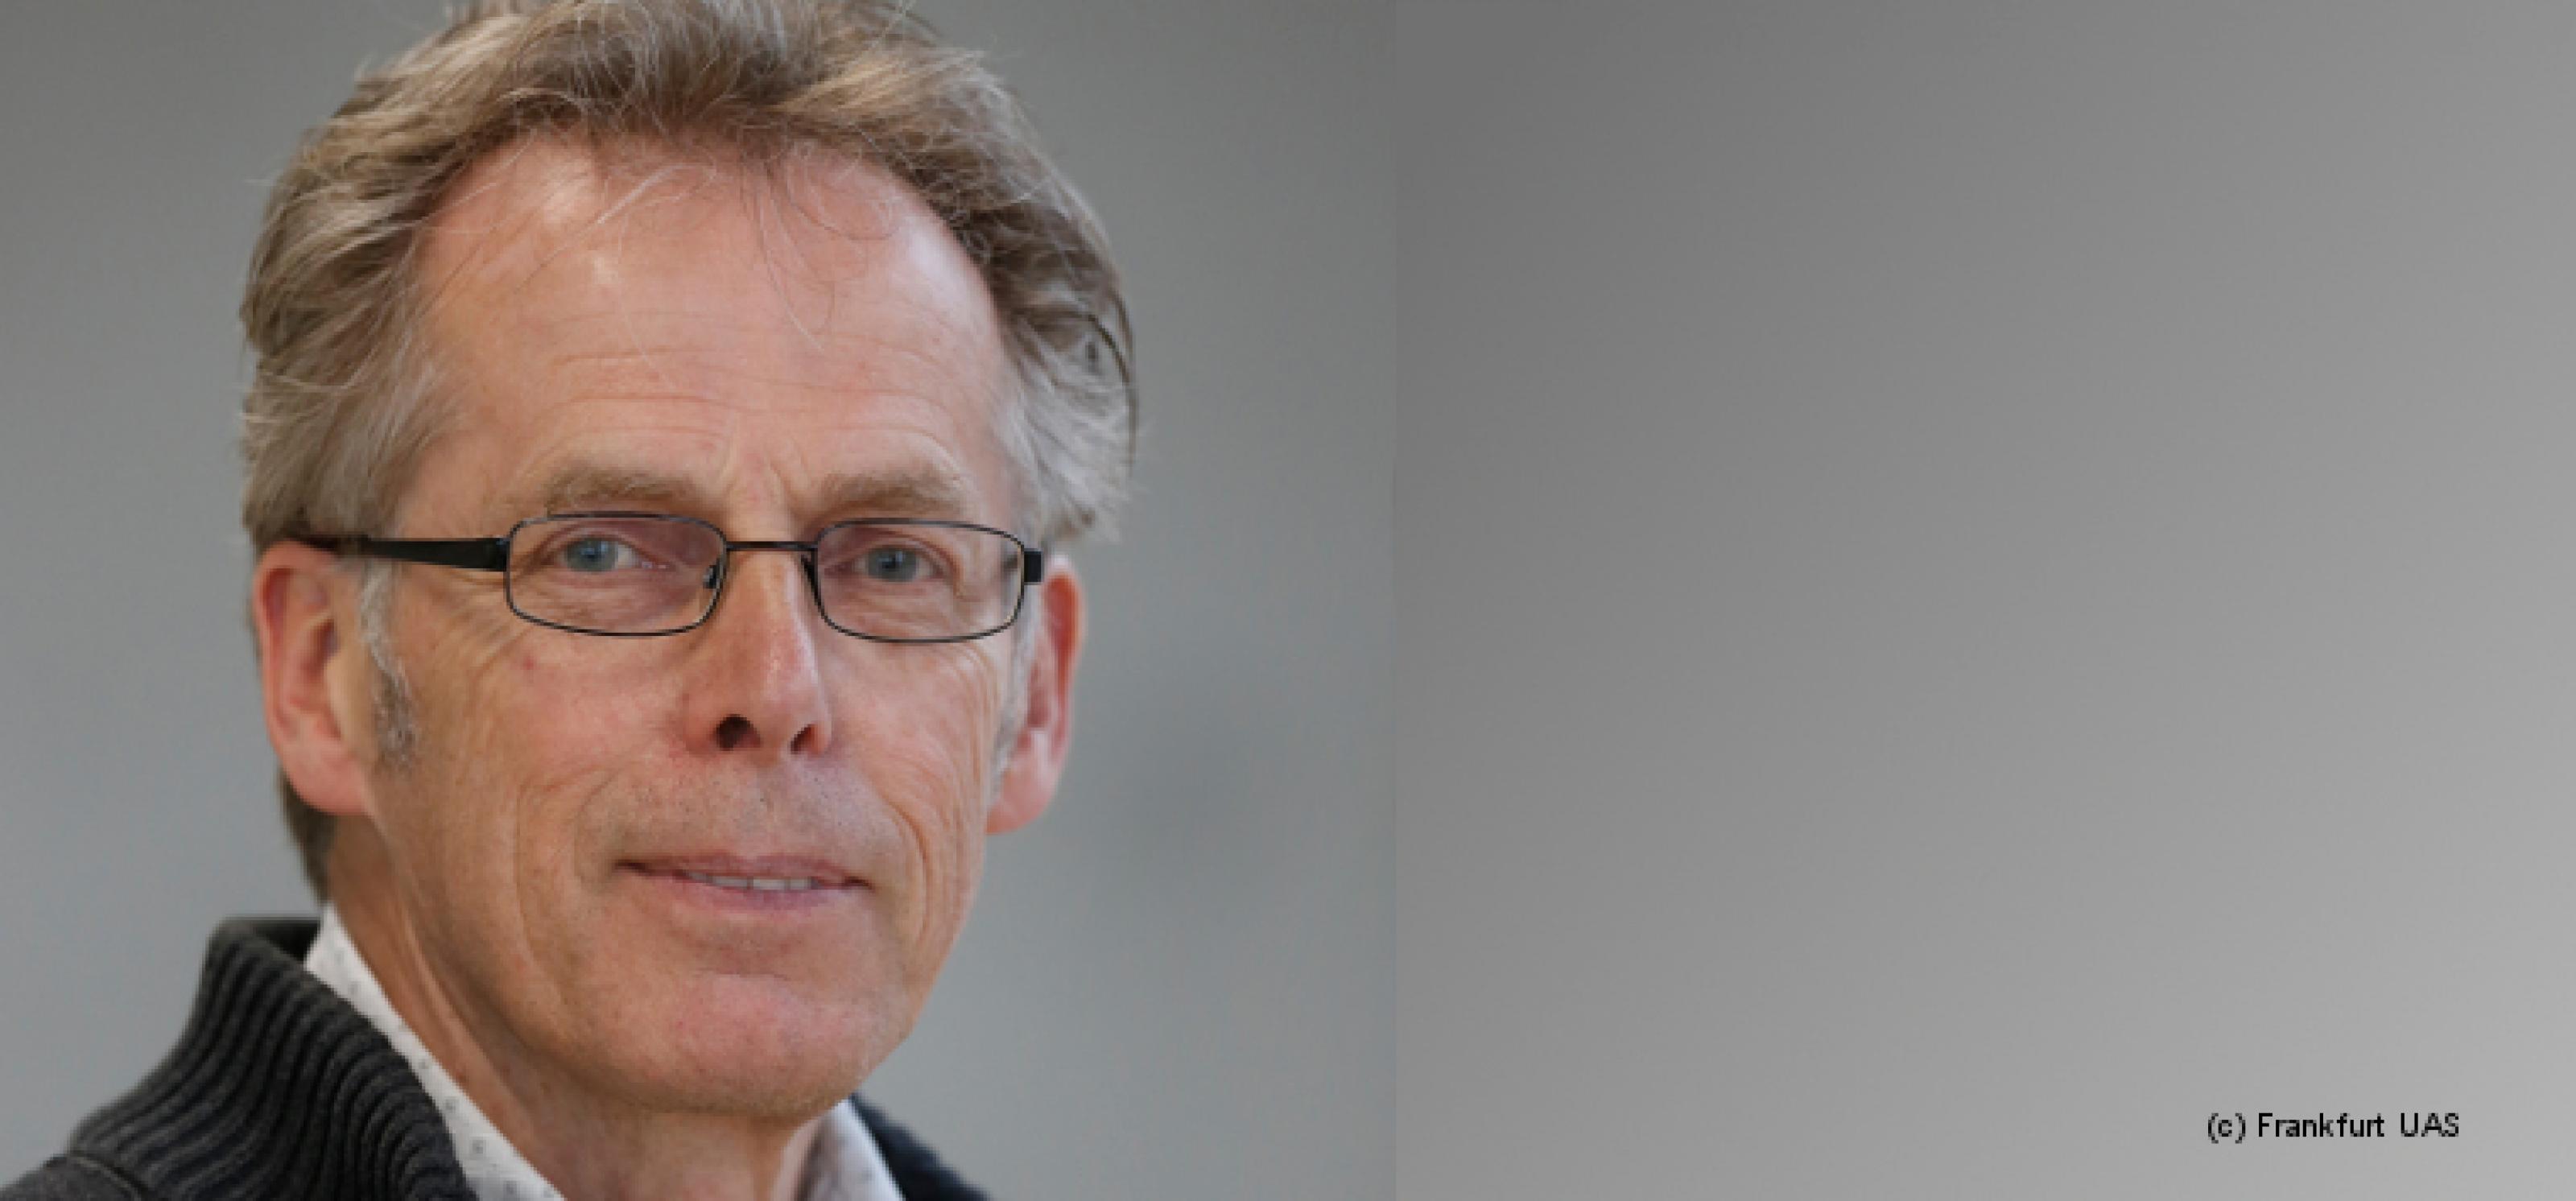 Porträt von Heino Stöver vor grauem Hintergrund